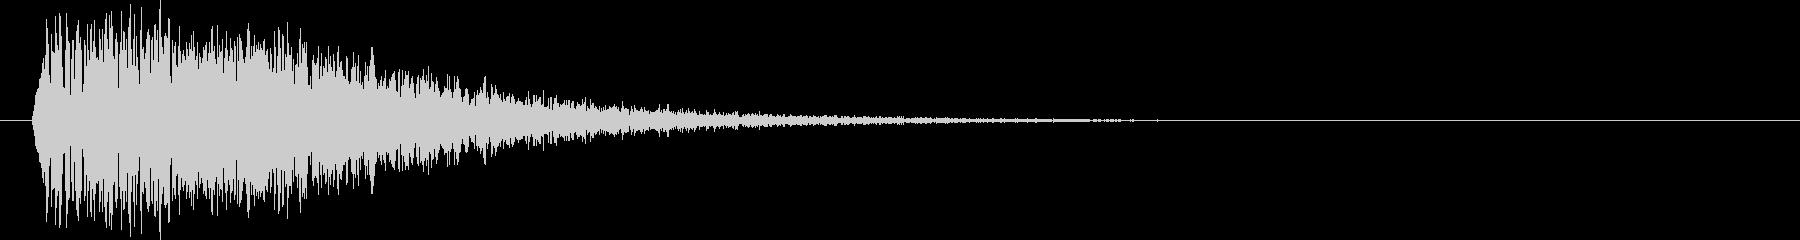 ドカーン(破壊音)の未再生の波形